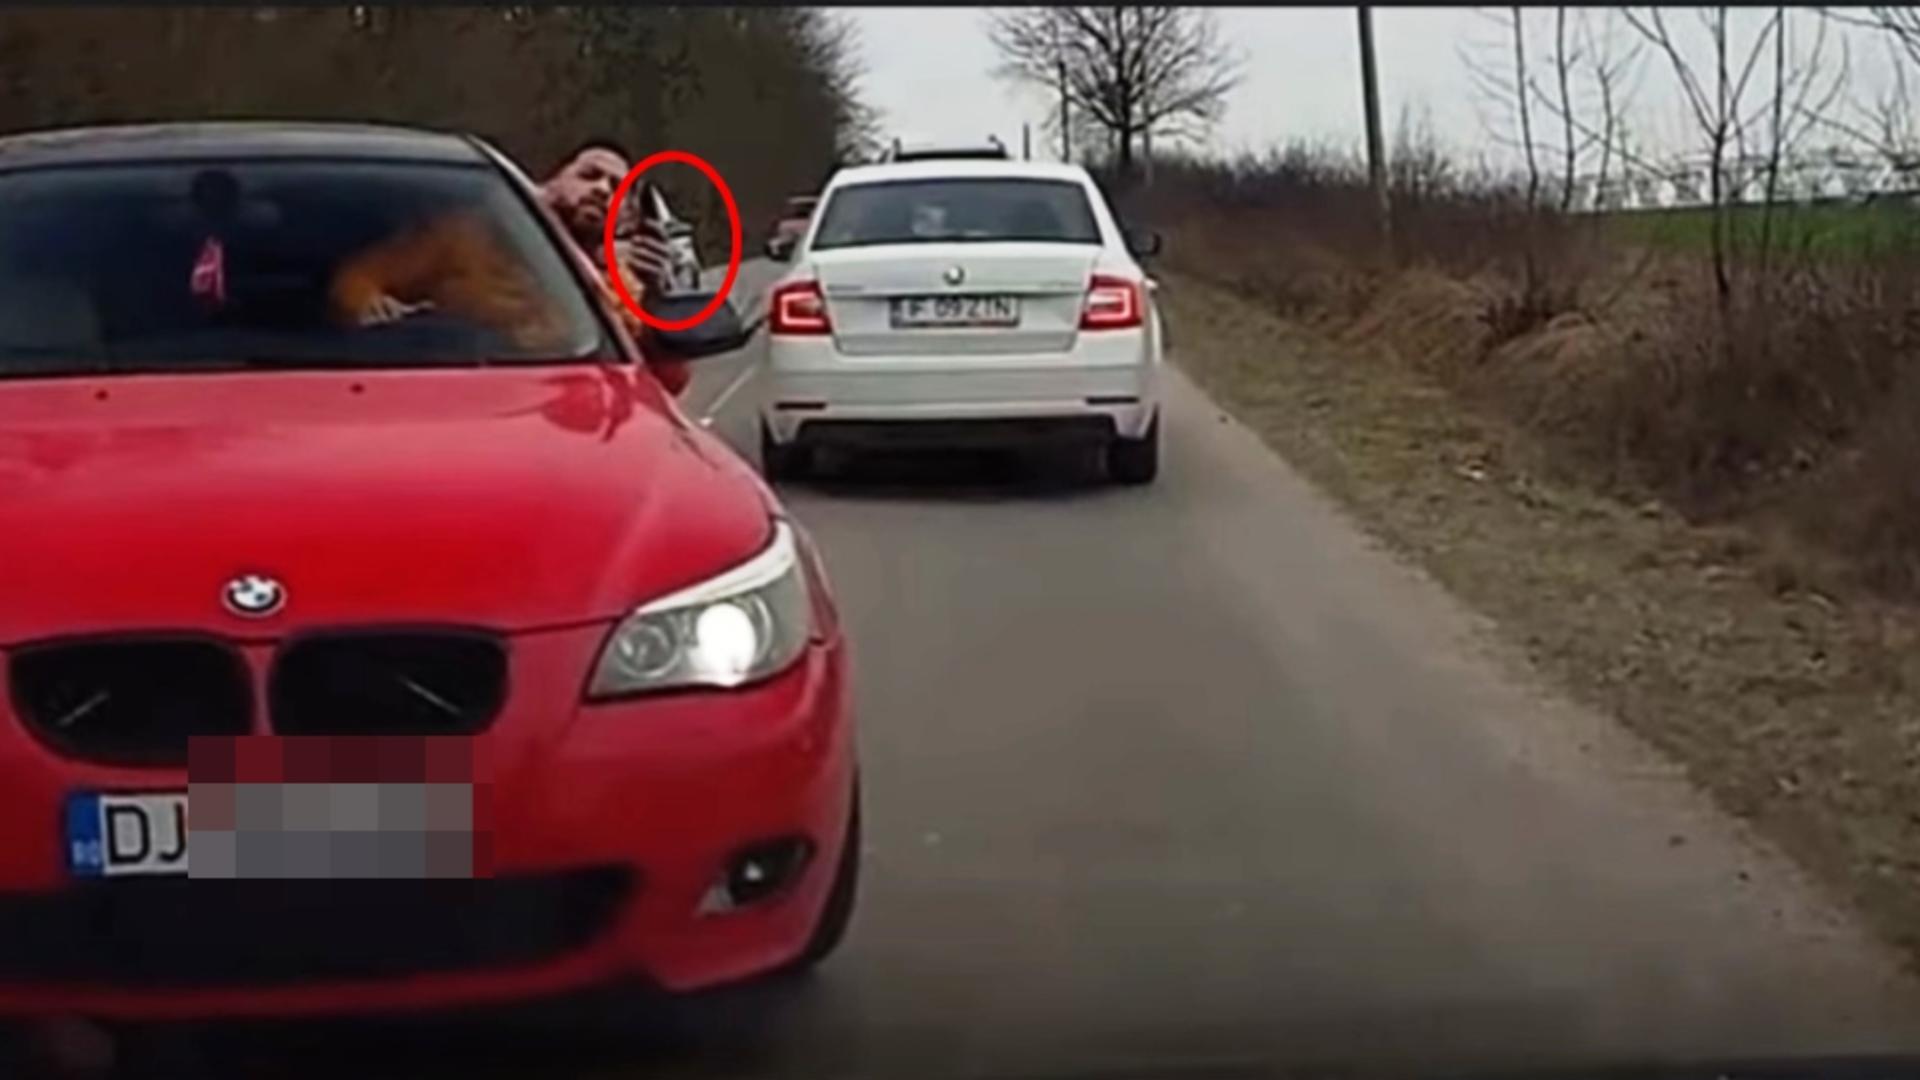 Bărbatul înarmat se afla la volanul unui BMW roşu